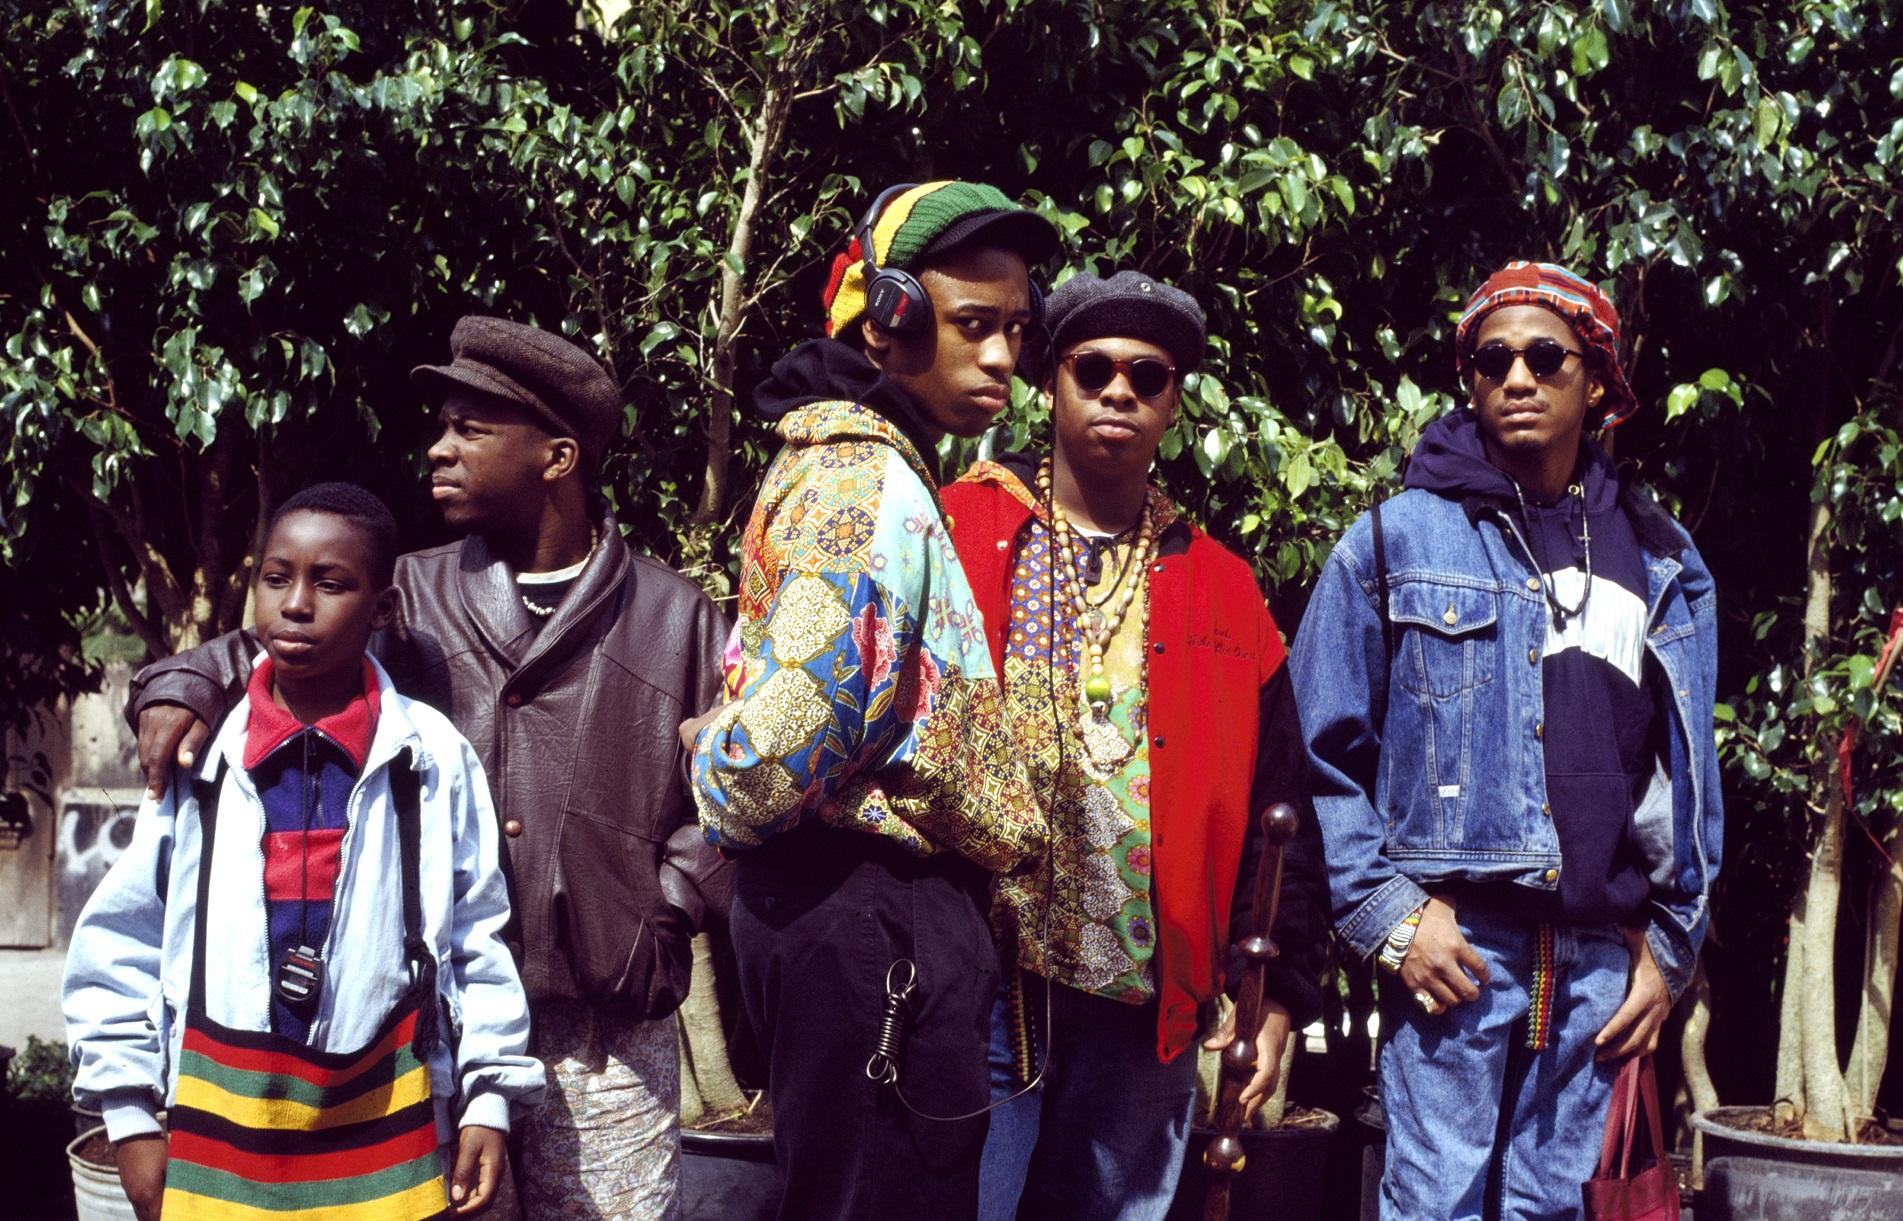 A Tribe Called Quest. Życie w rytmie bitów, reż. Michael Rapaport | Wieczne lato: Muzyka